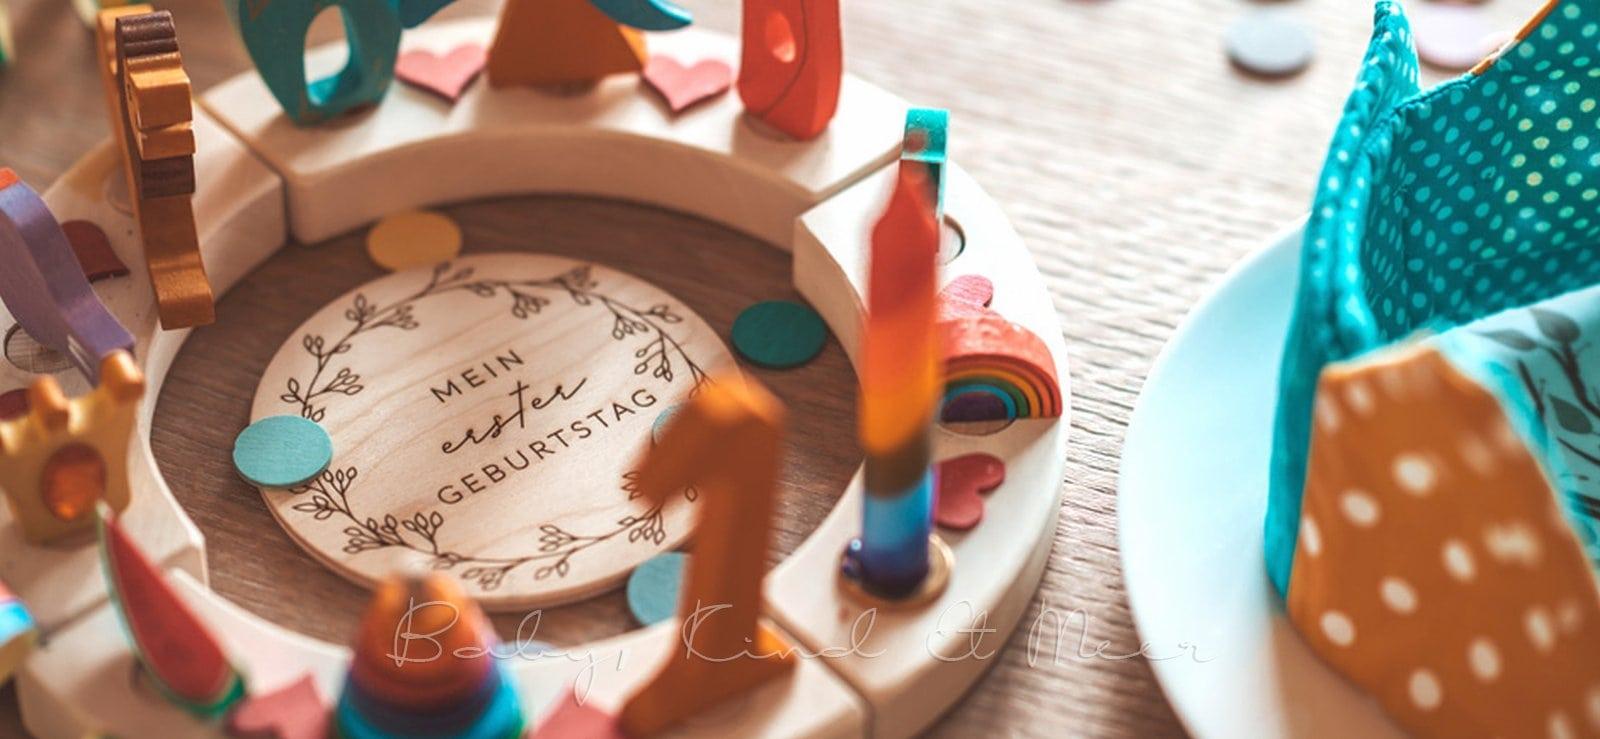 Piets erster Geburtstag babykindundmeer